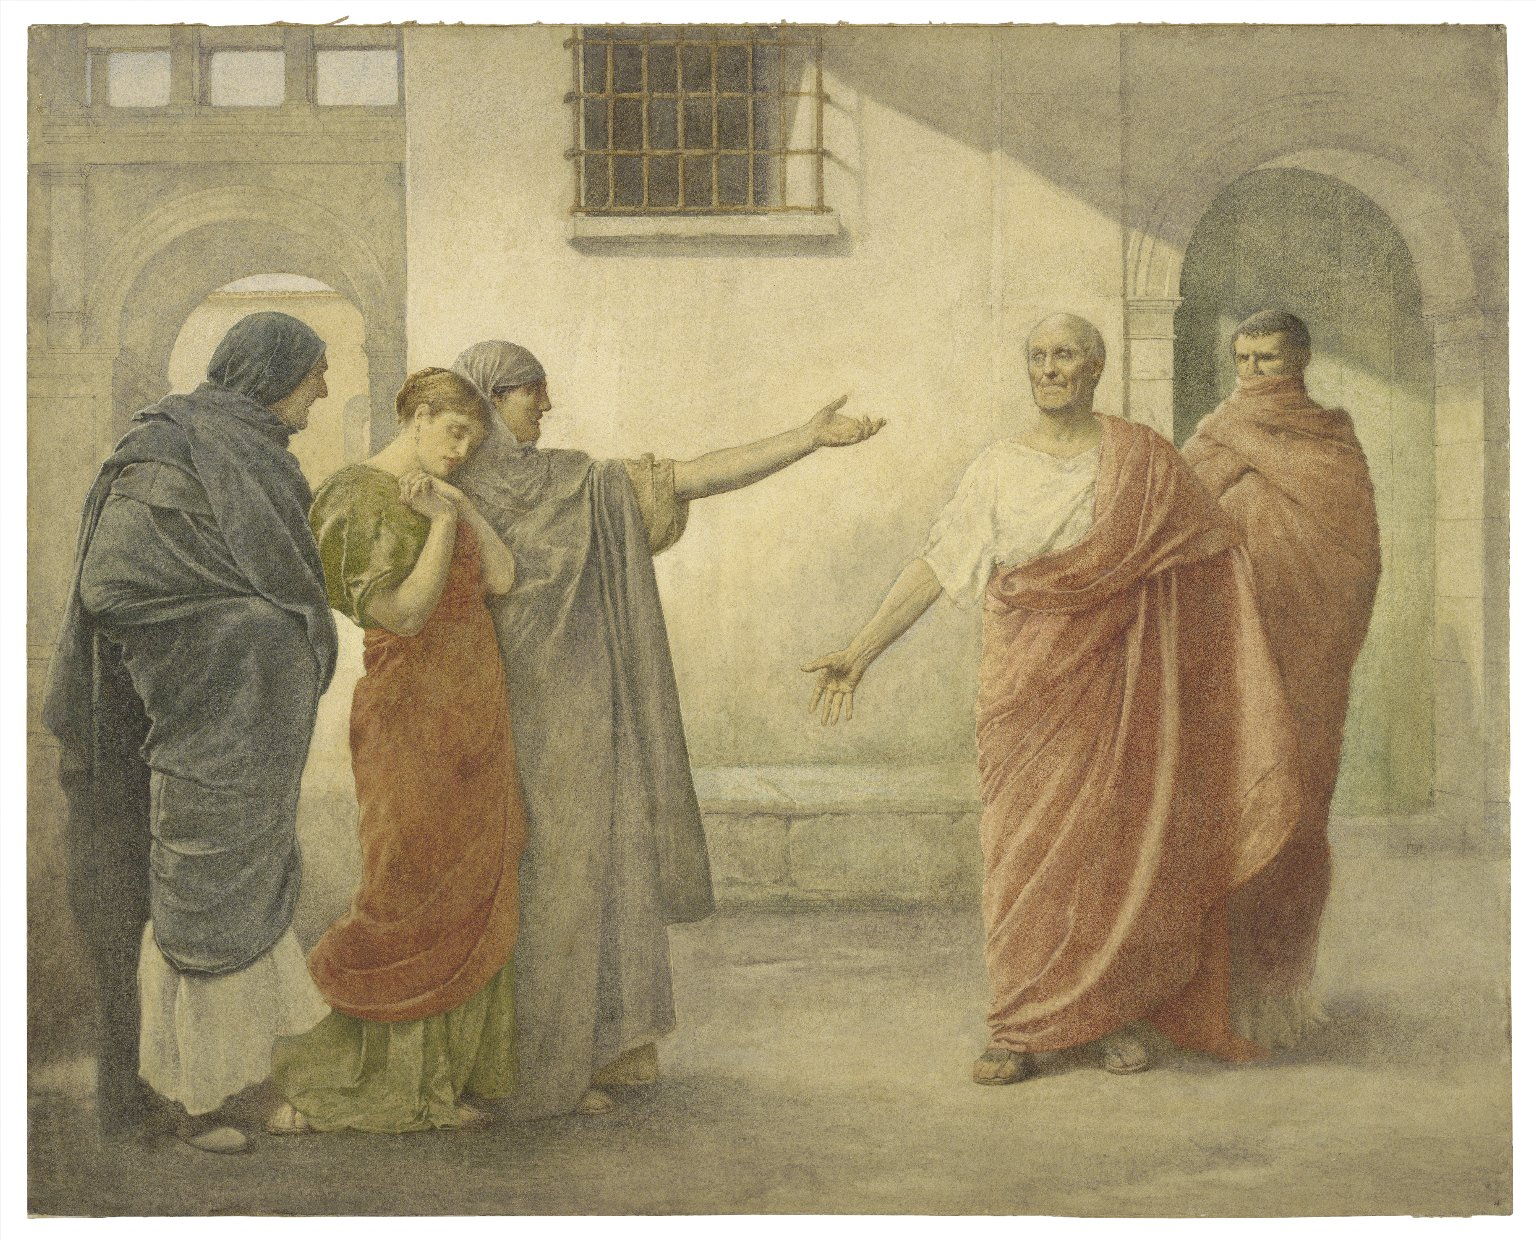 [Volumnia reproaching Brutus and Sicinius] [graphic] / J.D.L.